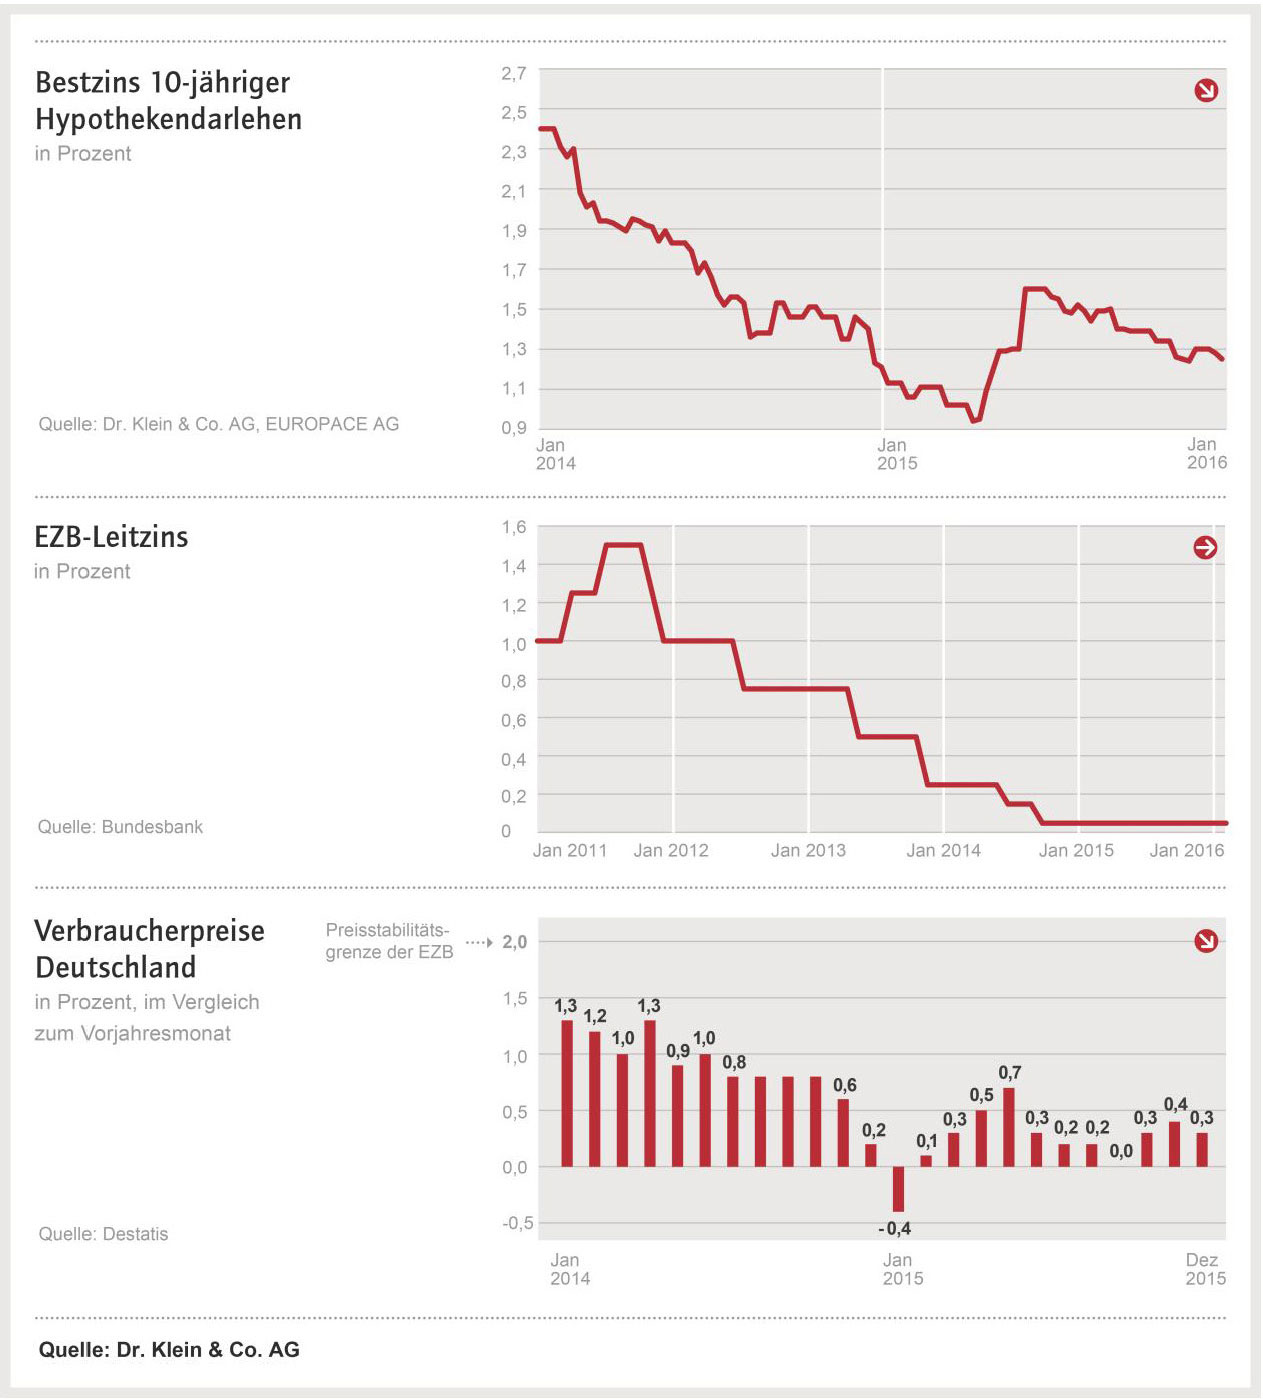 Drei Charts zu den Themen Bauzinsen, Leitzins und Verpraucherpreise